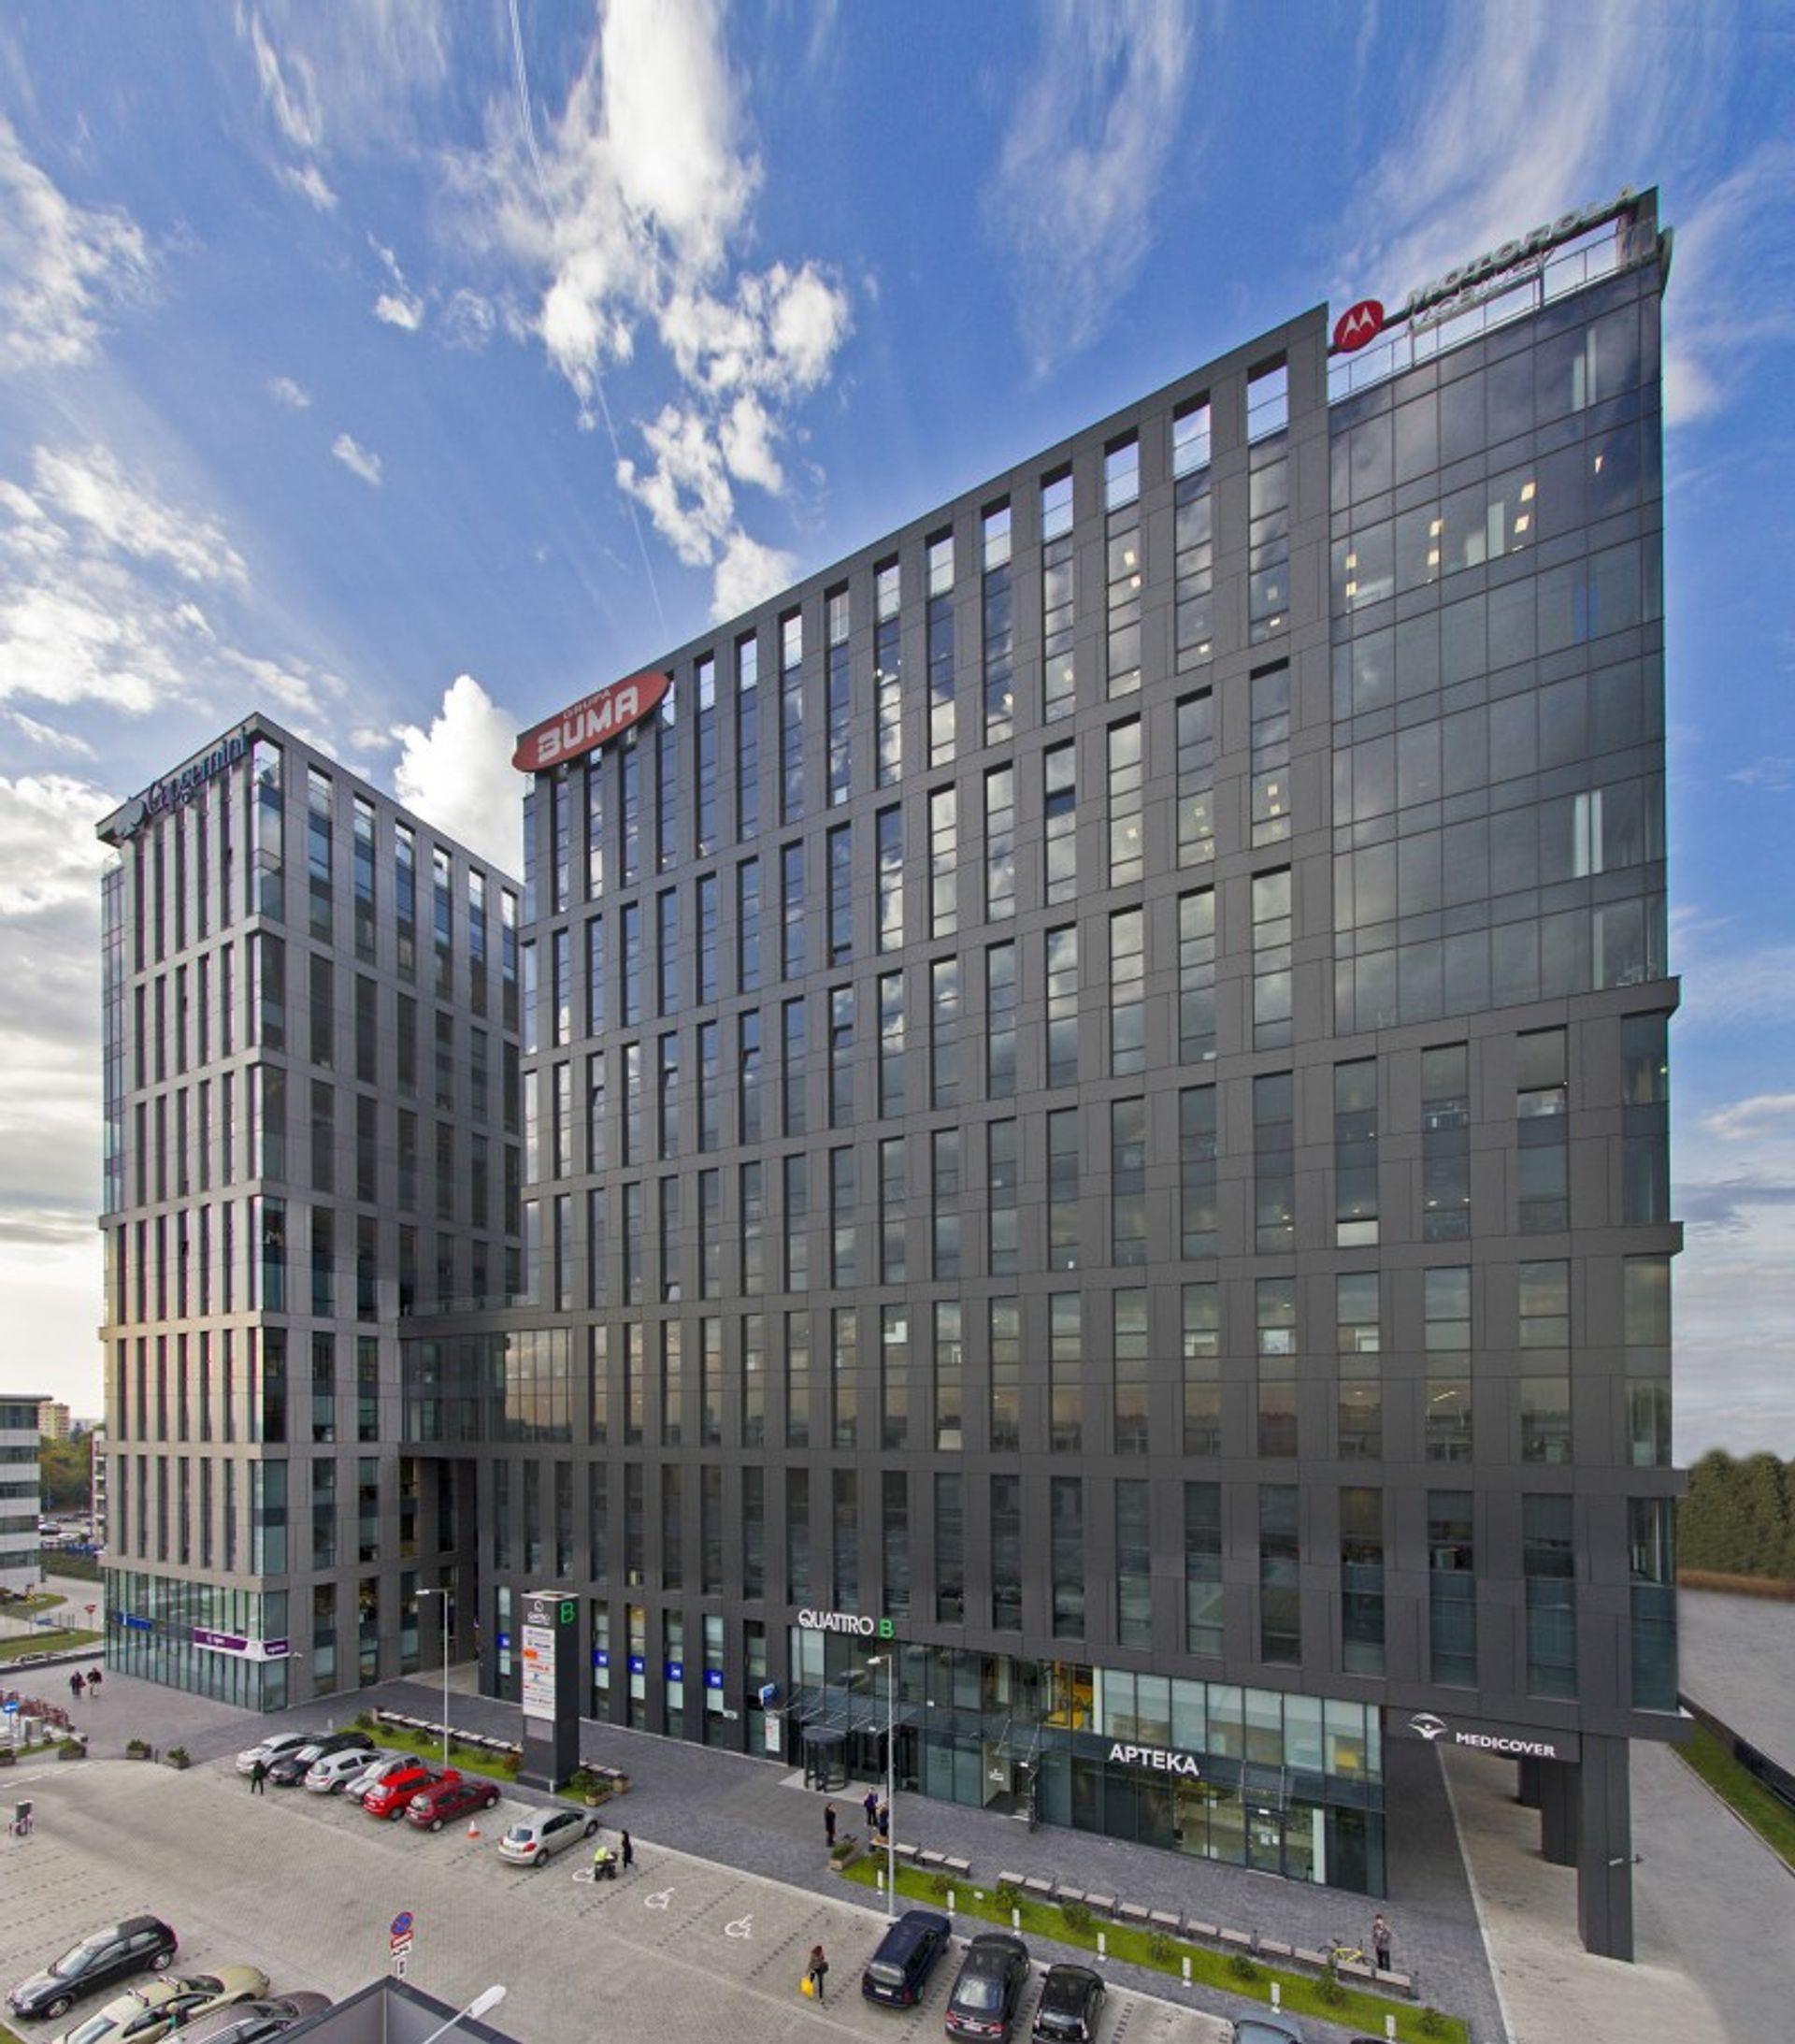 [Kraków] Lundbeck uruchomi Centrum Usług Biznesowych w Krakowie